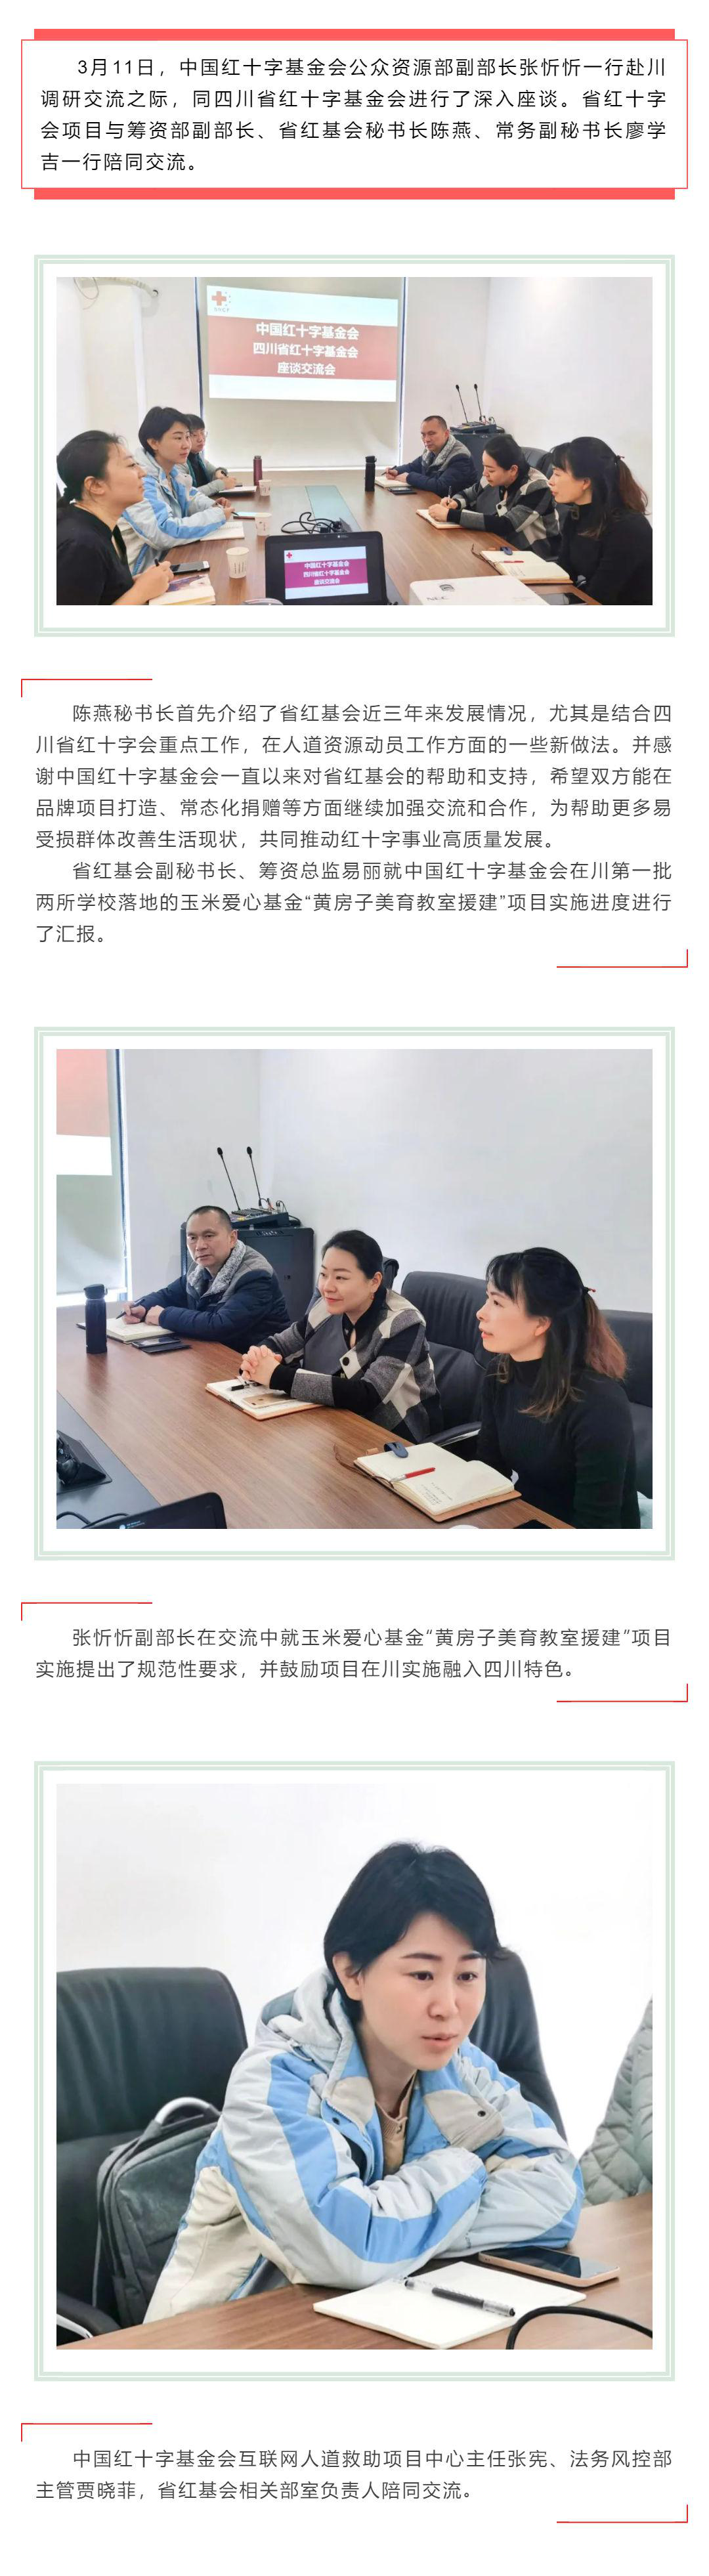 中国红十字基金会赴川调研交换_壹伴长图1.jpg